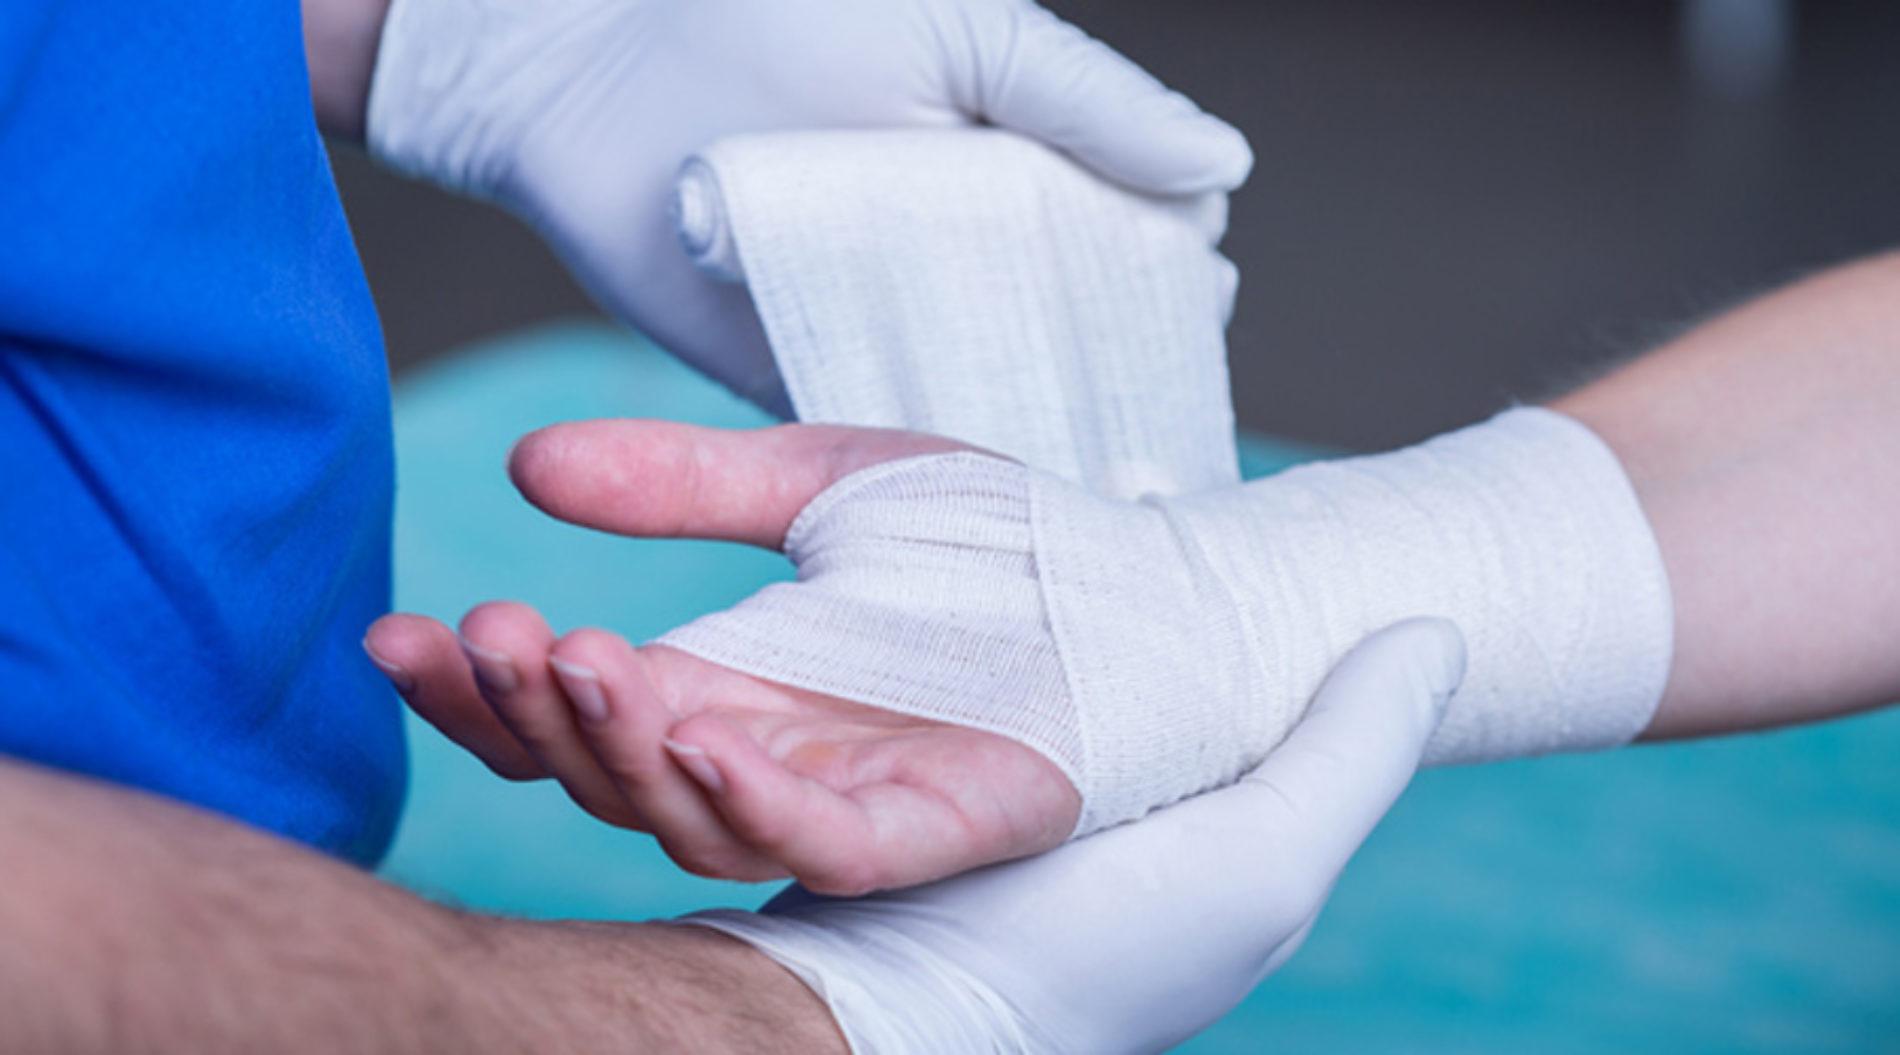 Qué hacer cuando se presentan fracturas óseas